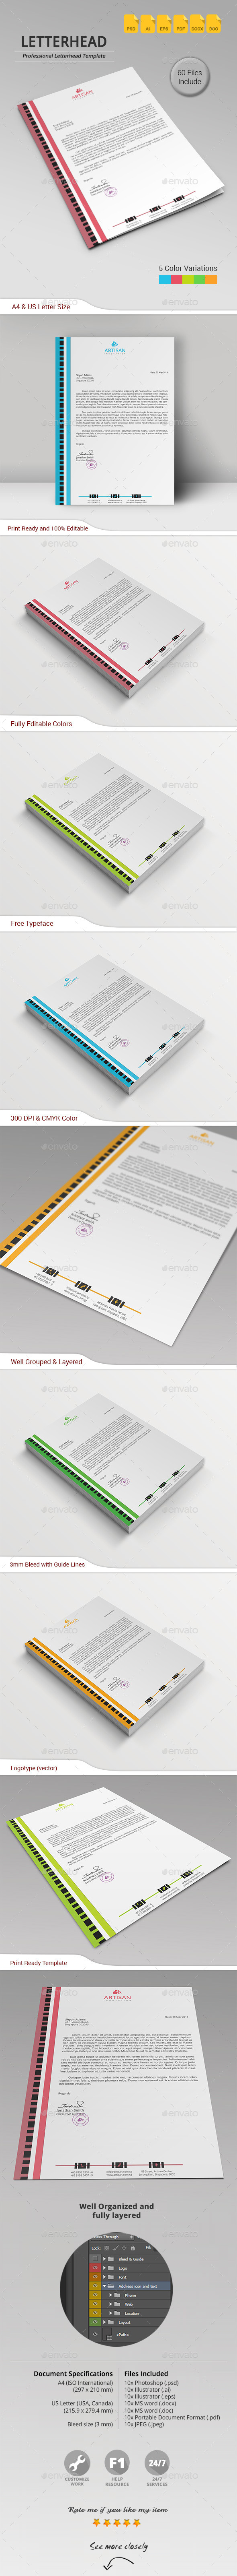 GraphicRiver Letterhead 11383790